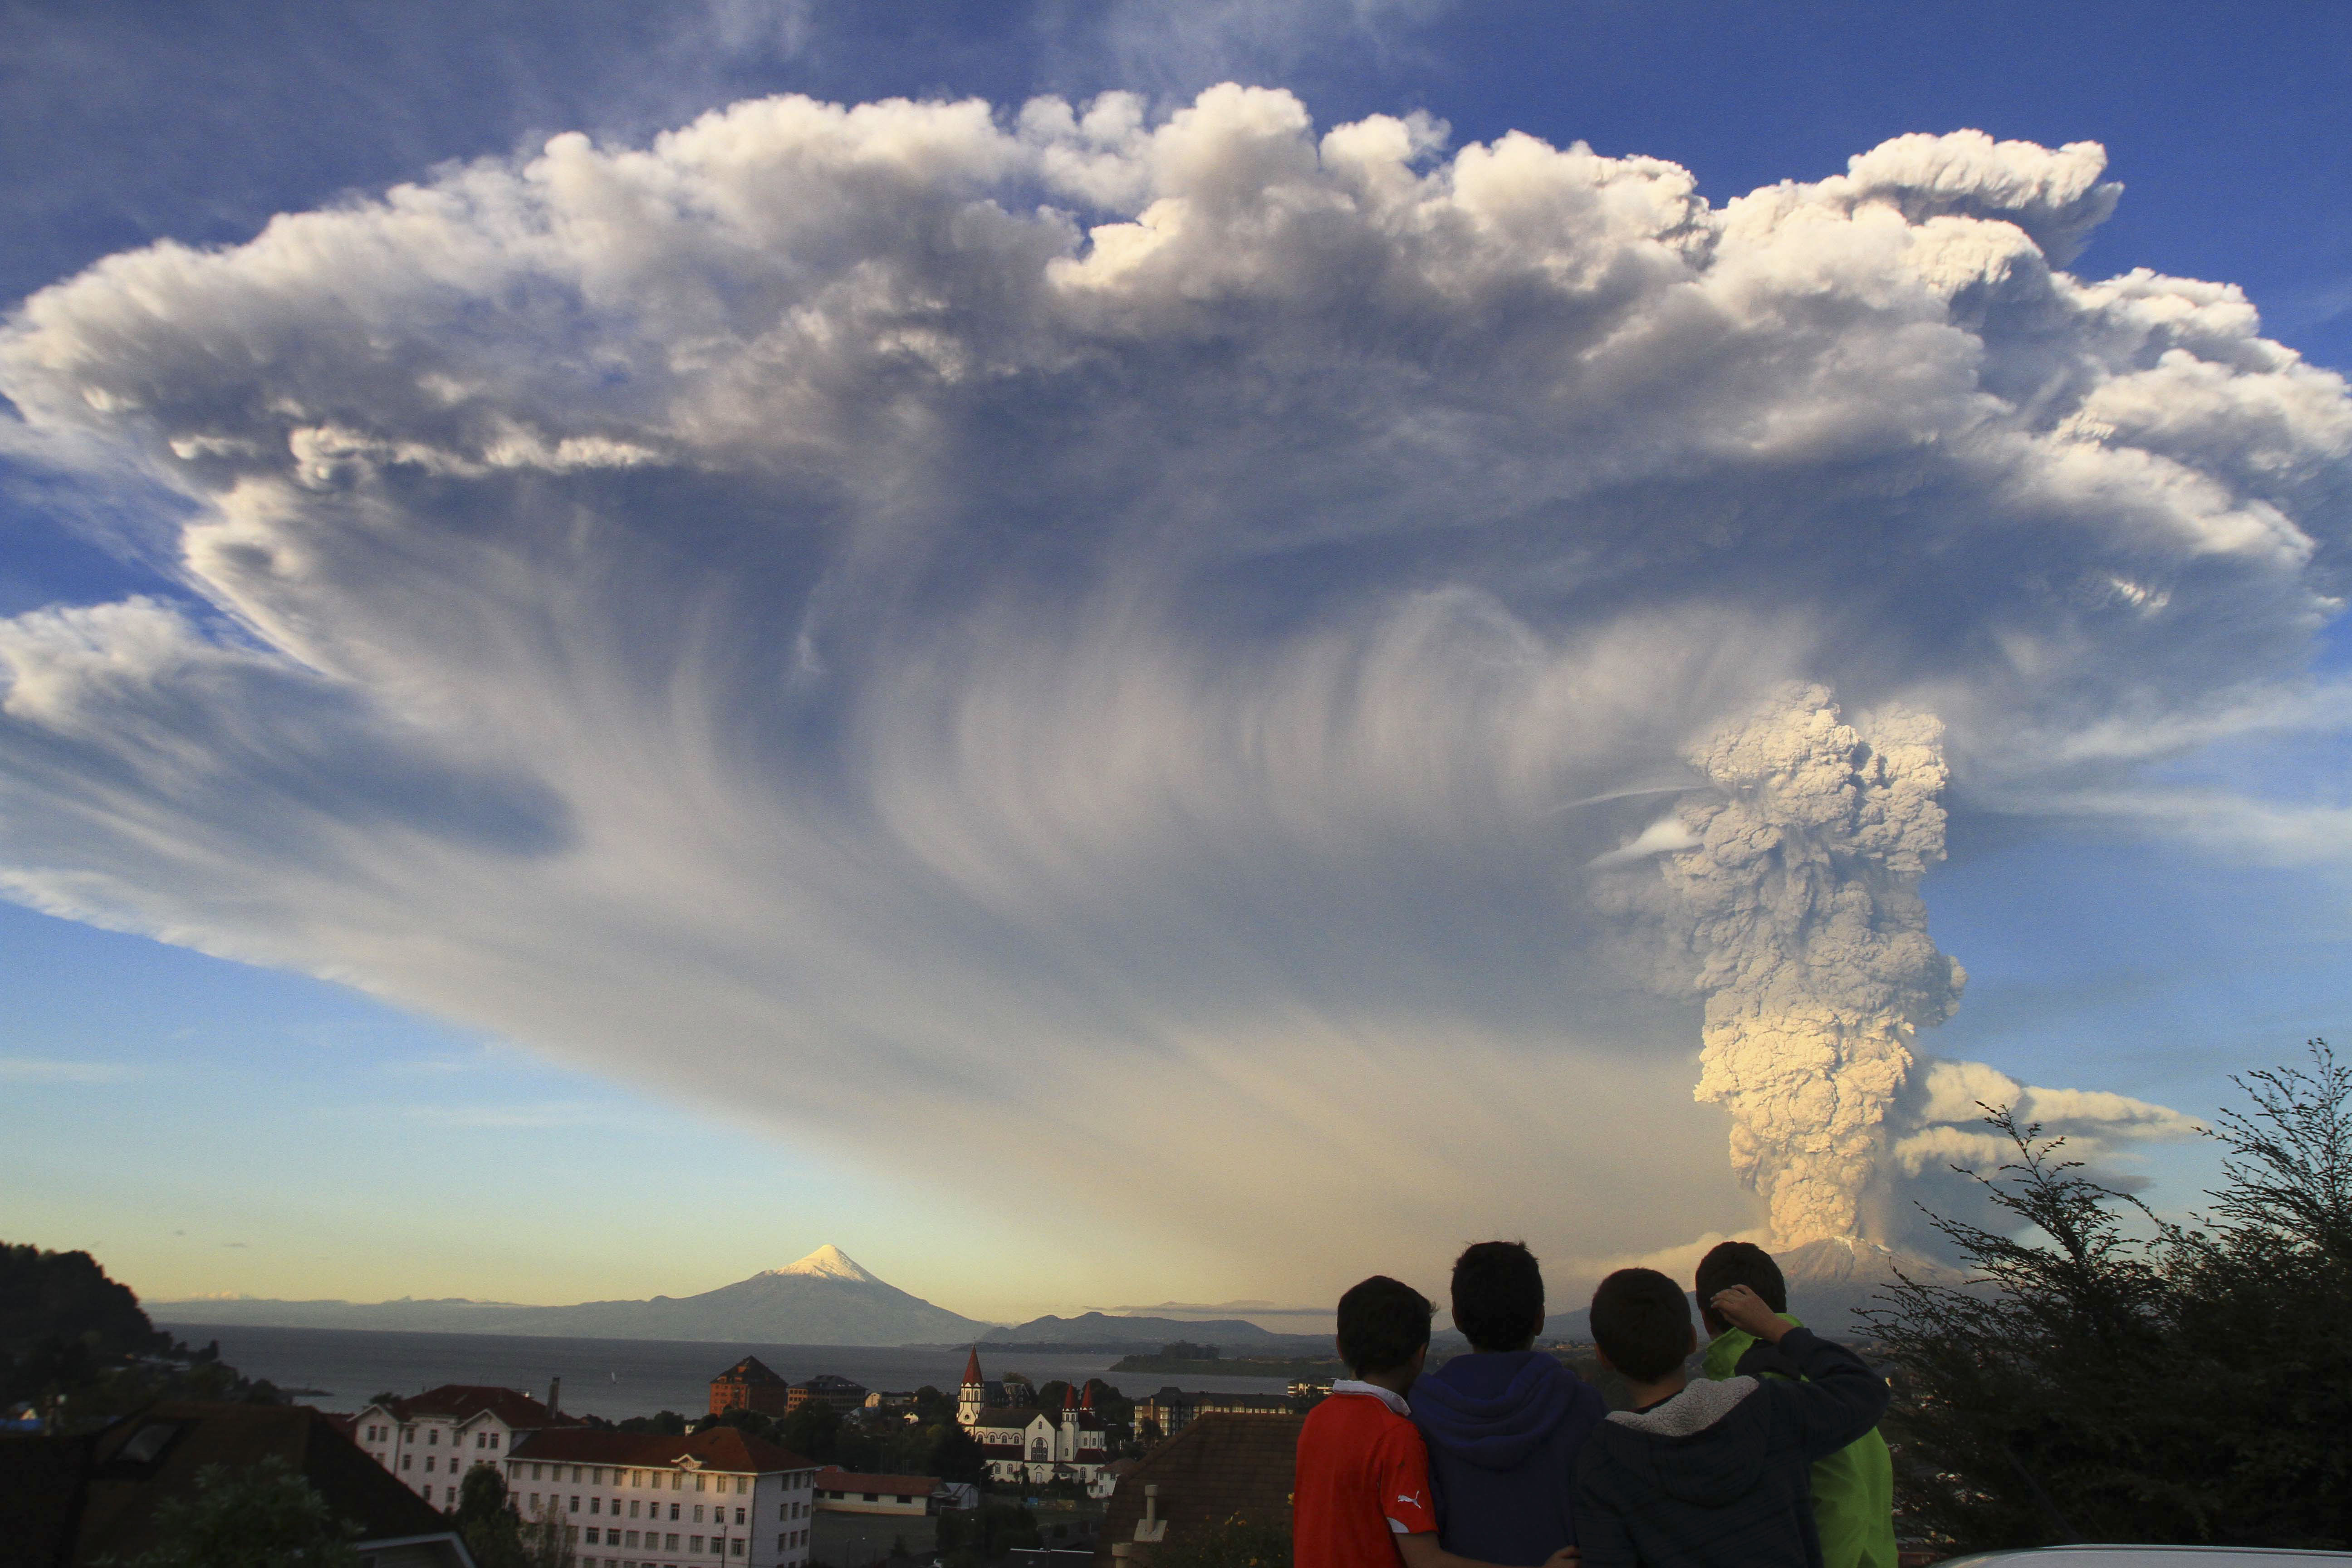 Chilean authorities urge 2,000 people near volcano to evacuate as precaution | Fox News